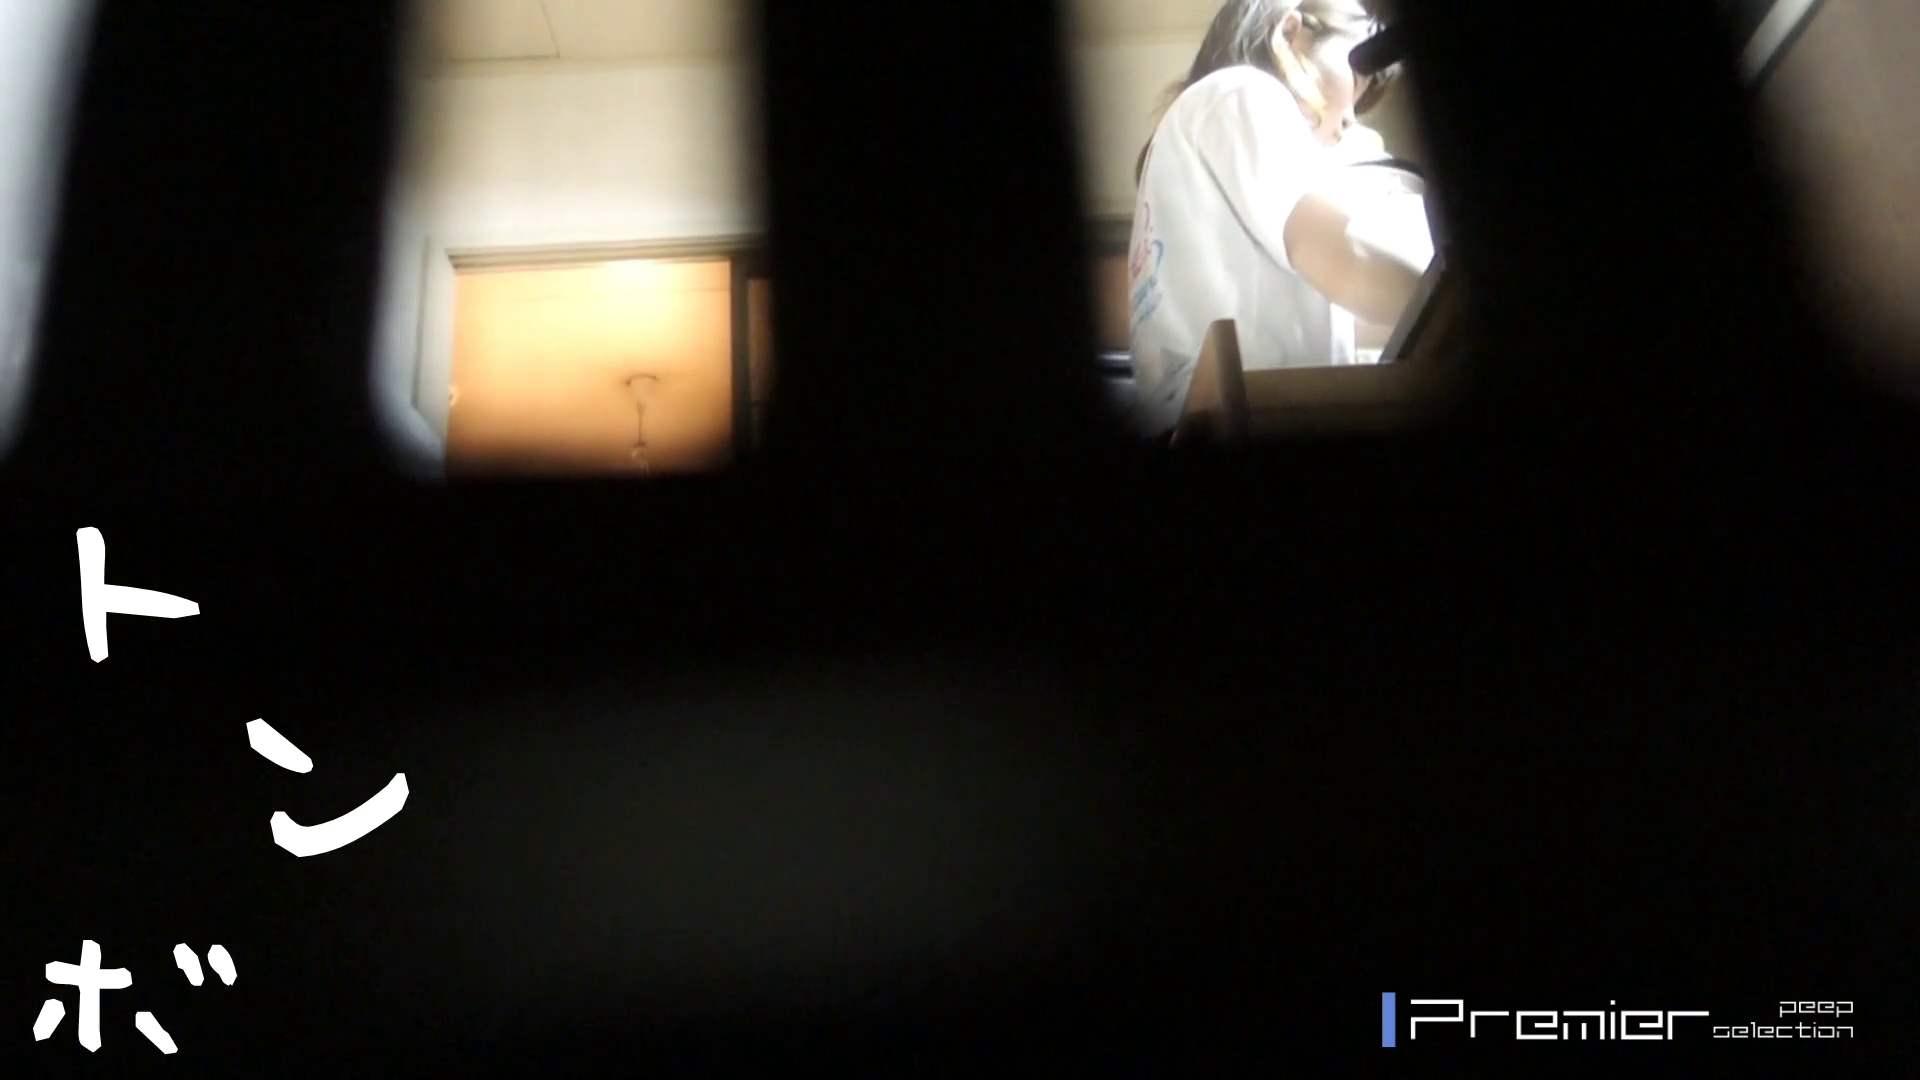 美女達の私生活に潜入!OL入浴前後の裸と私生活 高画質 盗み撮り動画キャプチャ 68連発 38